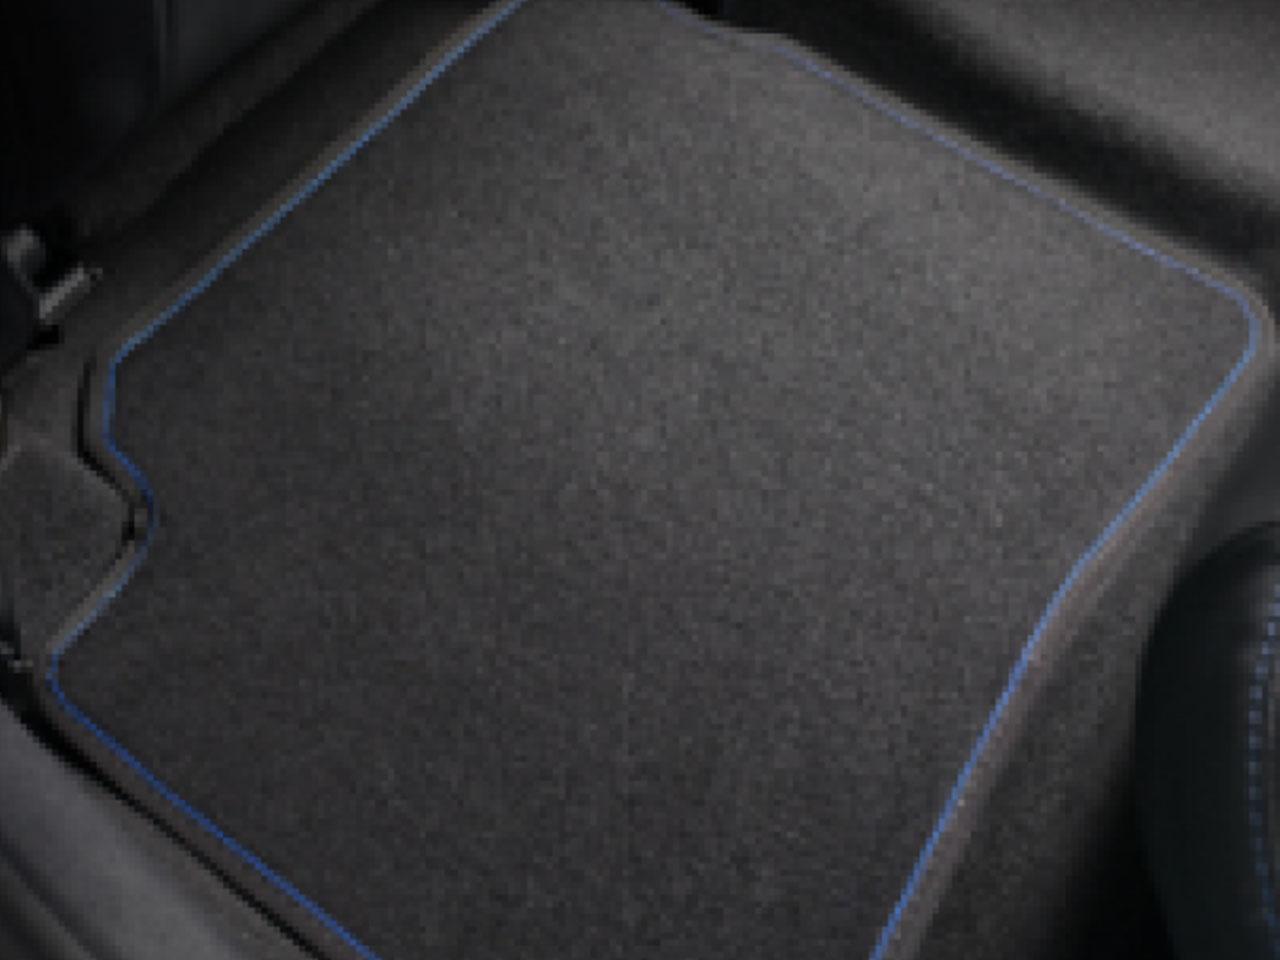 Tapete de Carpete Traseiro Etios Sedã Platinum (até 2018)  - Mirai Peças Toyota